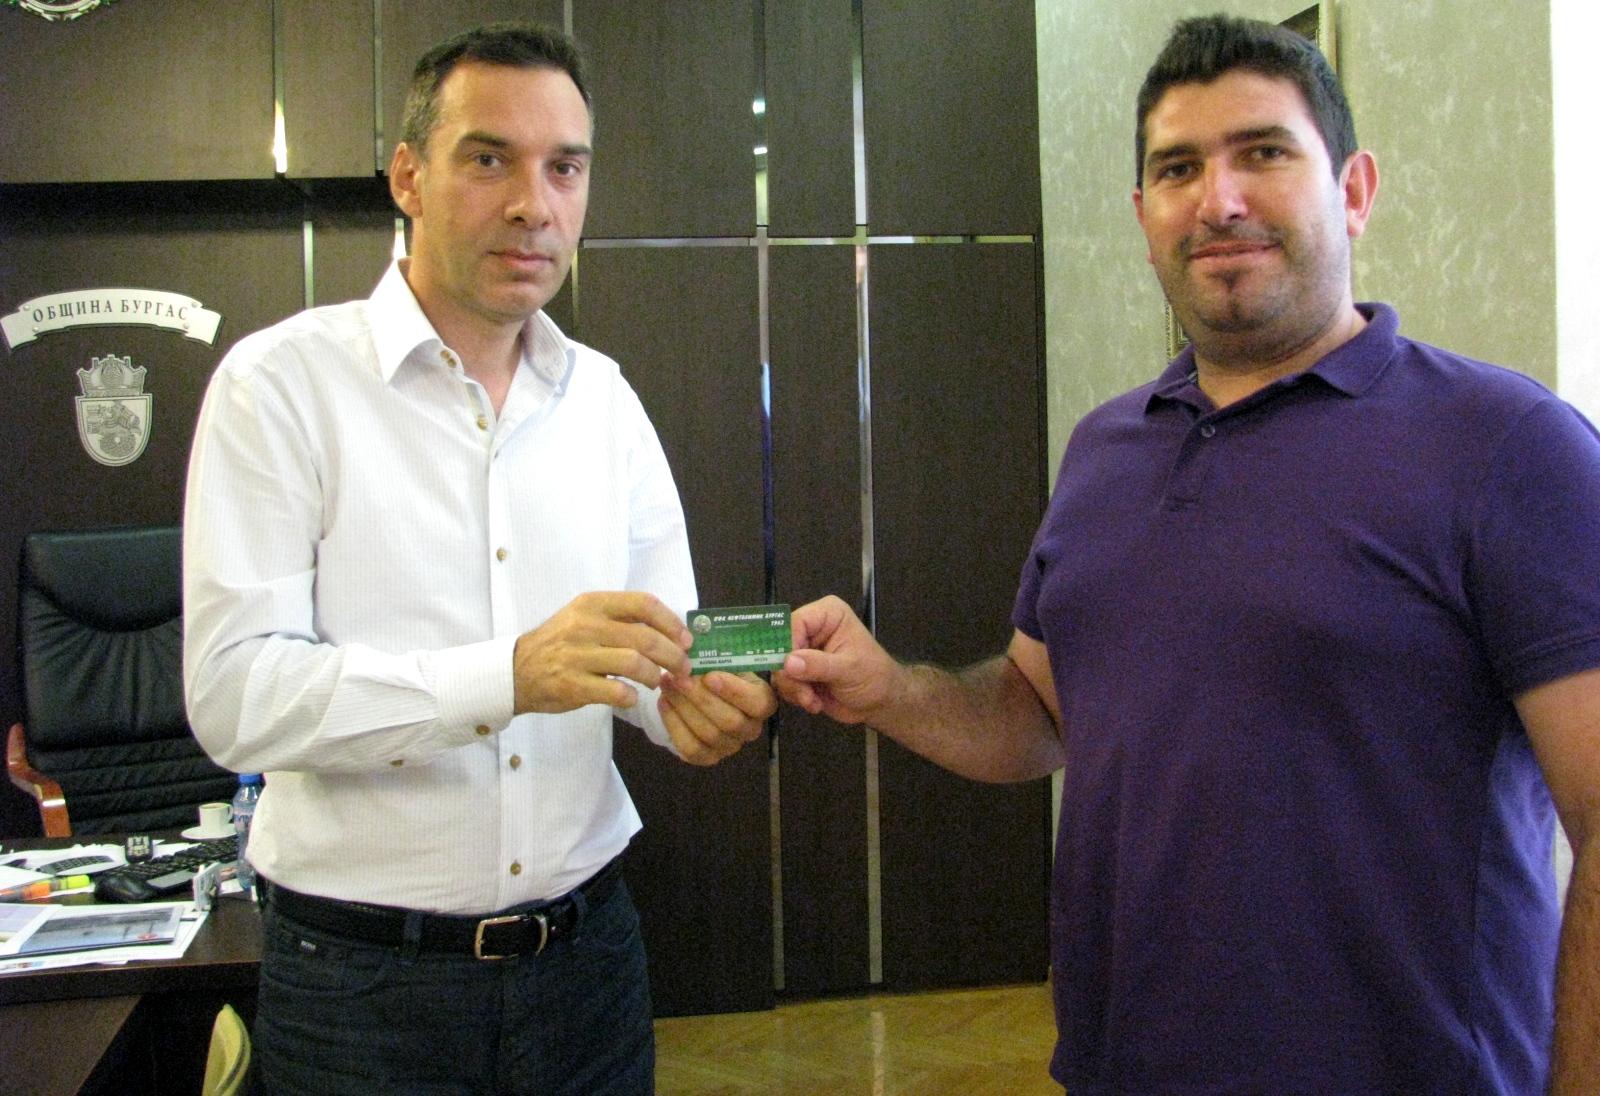 Нефтохимик продава карти за ВИП-ложата, кметът си купи първата